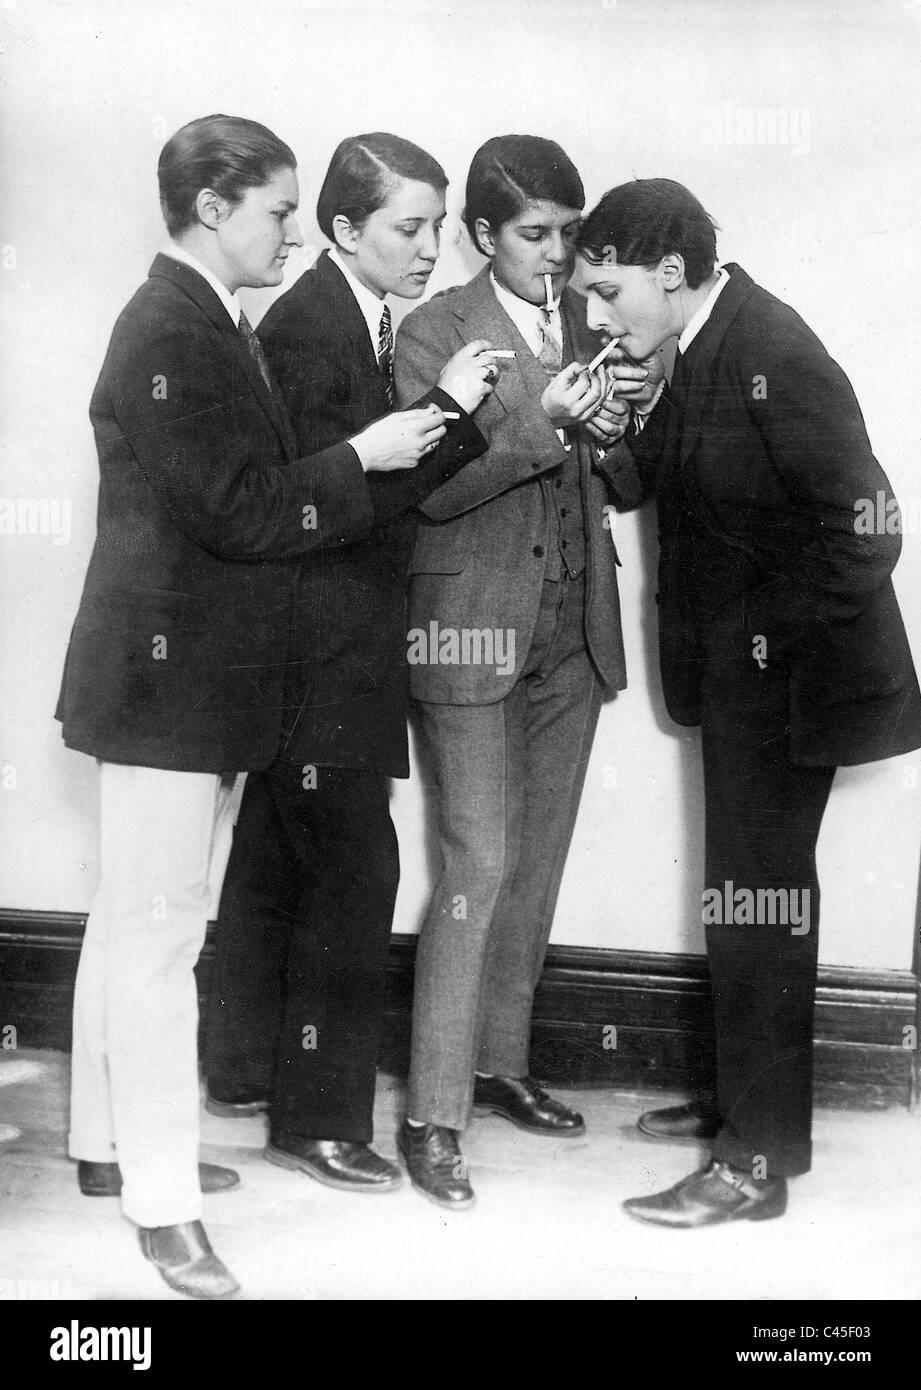 Fumar en los trajes de las mujeres, 1921. Imagen De Stock